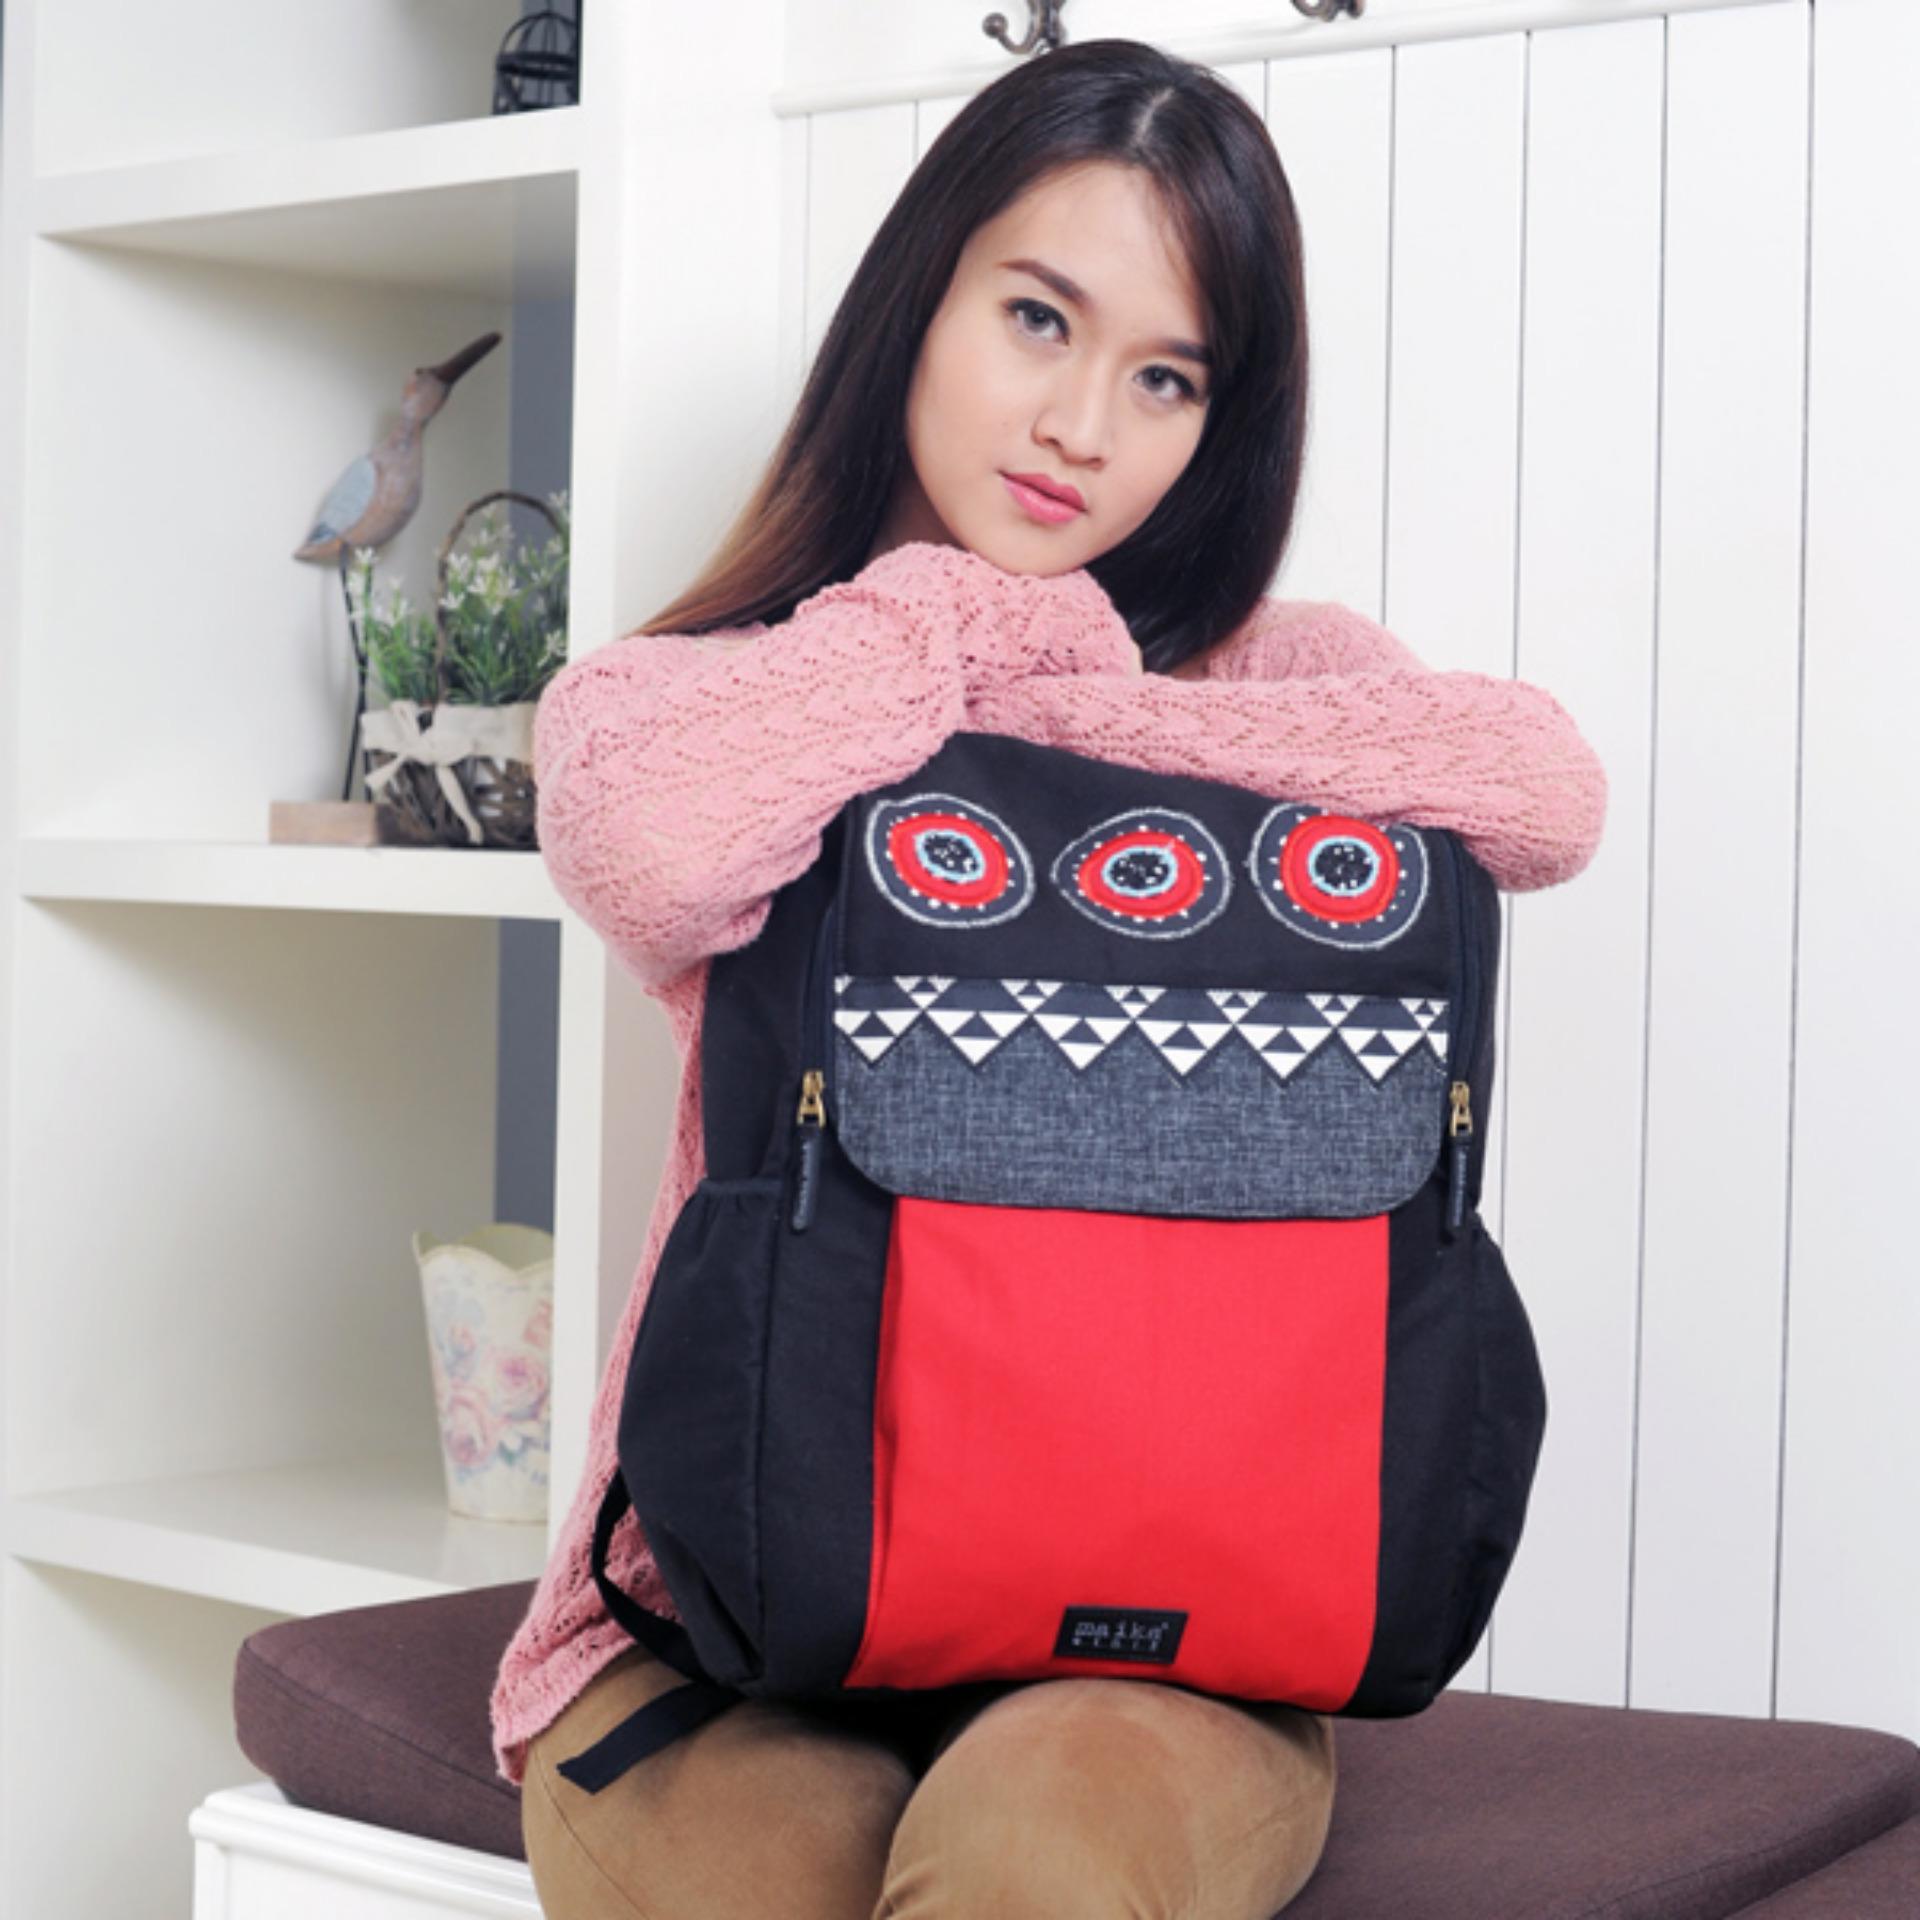 Toko Tas Punggung Handmade Wanita Backpack Mandai Red Terlengkap Di Indonesia